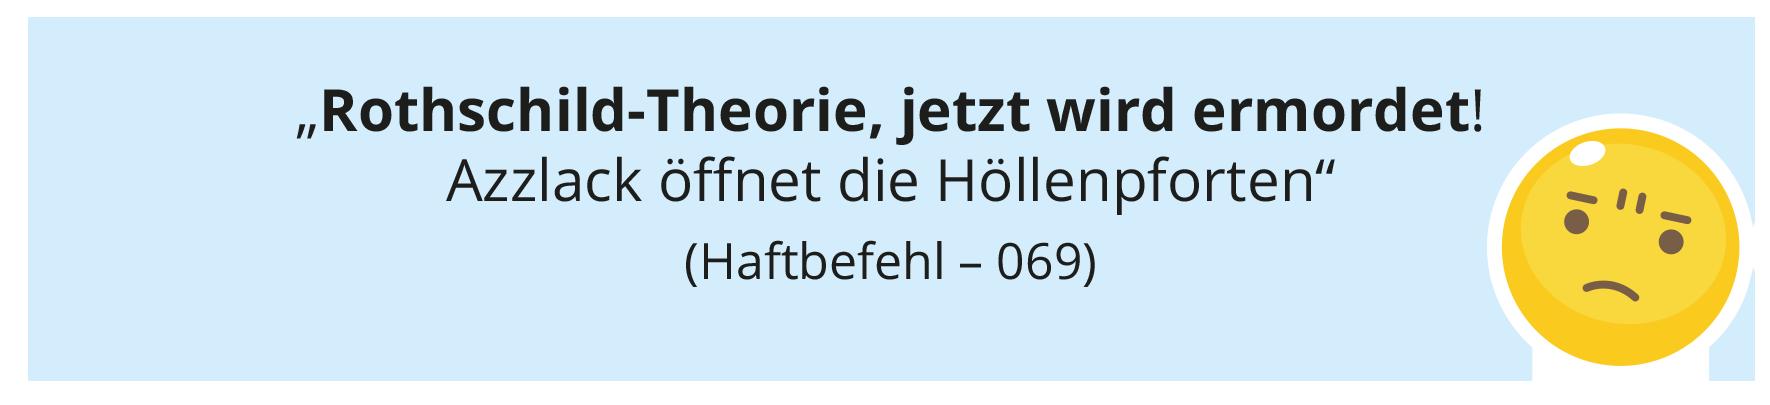 """""""Rothschild-Theorie, jetzt wird ermordet! Azzlack öff net die Höllenpforten"""" (Haftbefehl – 069)"""